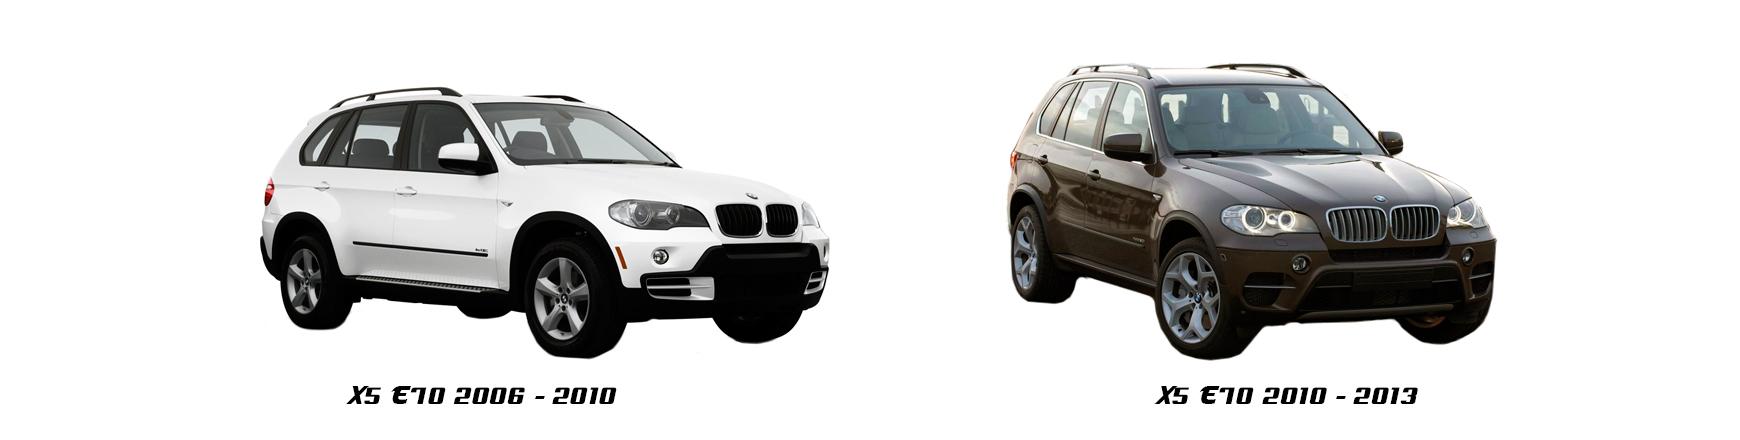 Recambios de BMW X5 (e70) 2007 2008 2009 2010. Piezas al mejor precio.